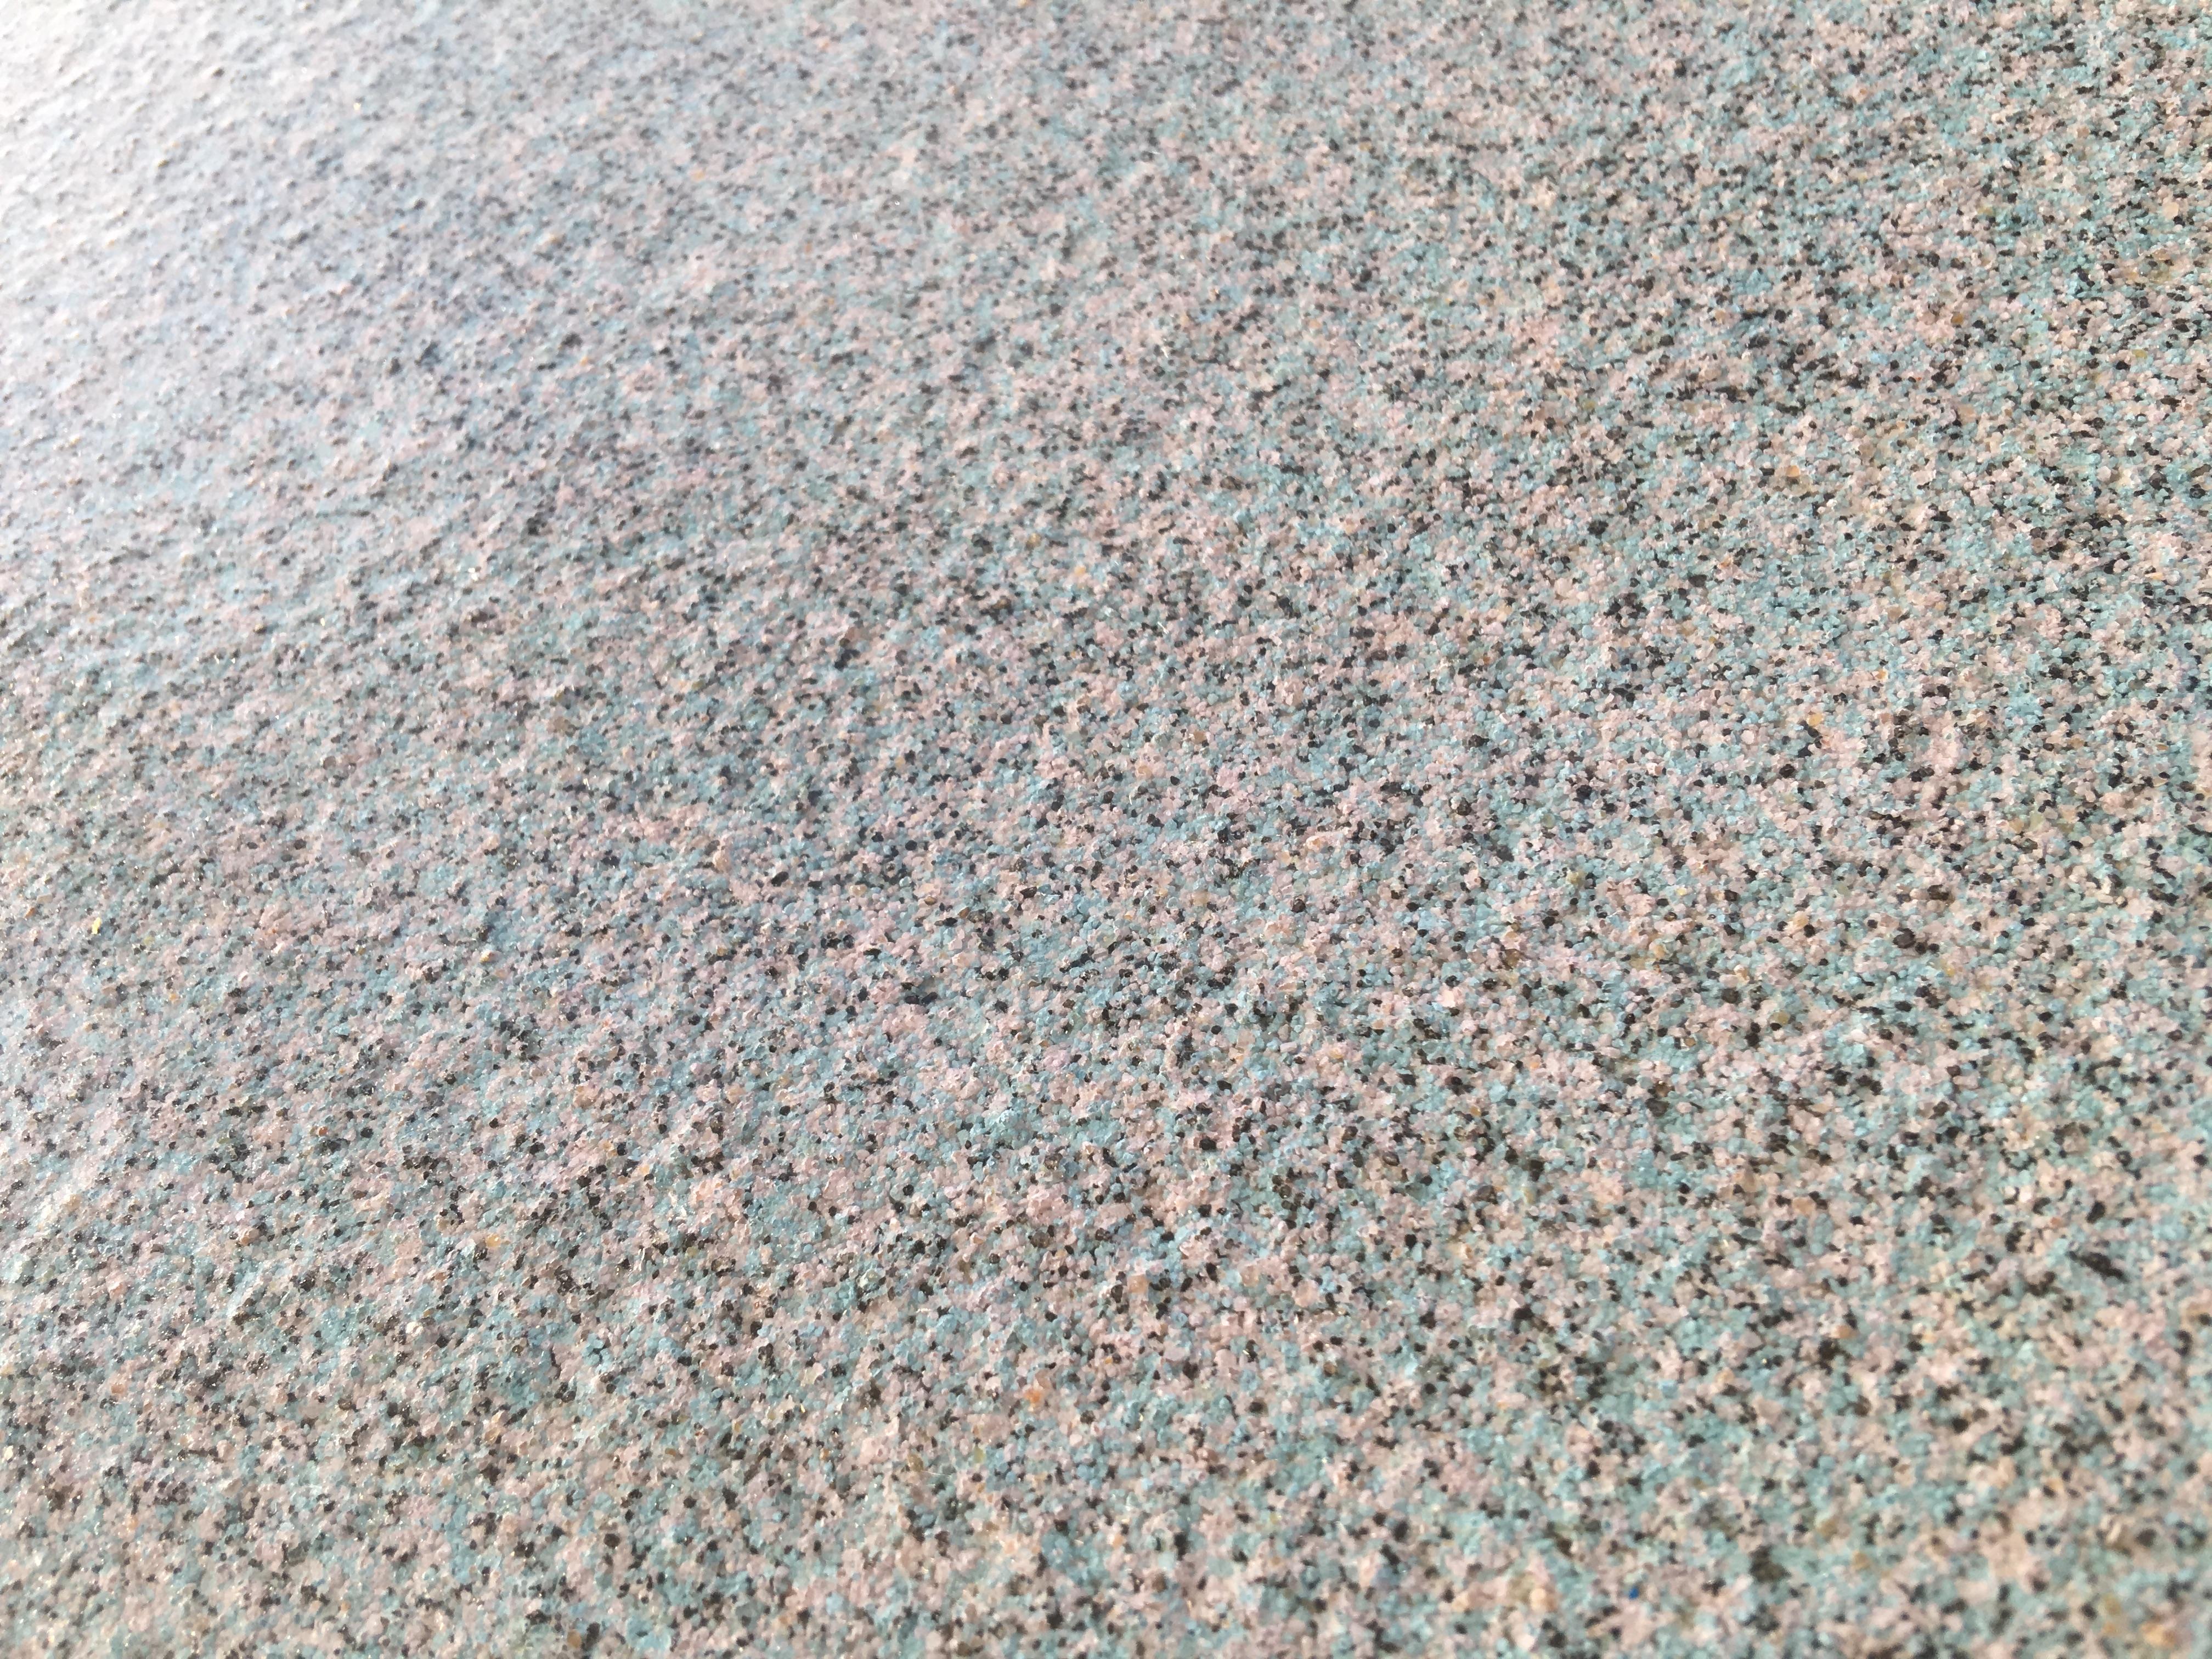 Sol d coratif sols d coratifs r sine himfloor terrazzo for Carrelage quartz